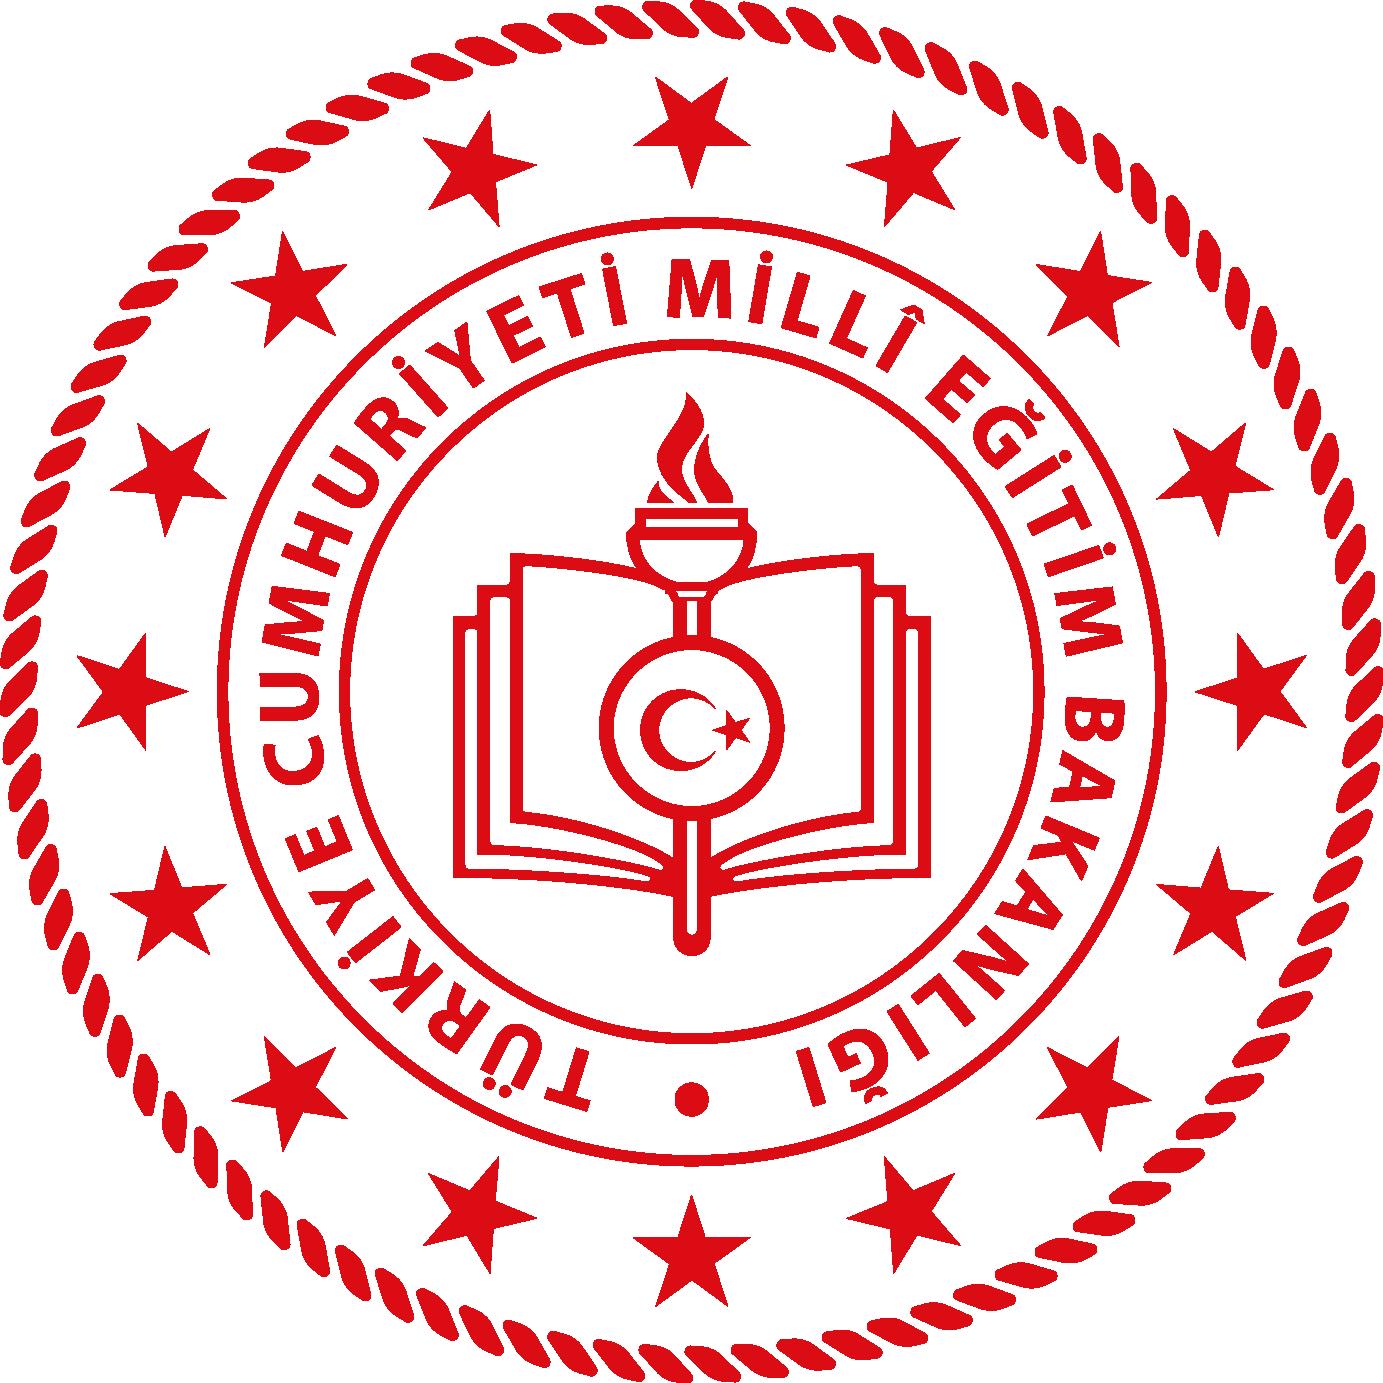 MEB Logo ve Amblem (Milli Eğitim Bakanlığı) meb.gov.tr image | Eğitim,  Alfabe çalışma sayfaları, Eğitim faaliyetleri